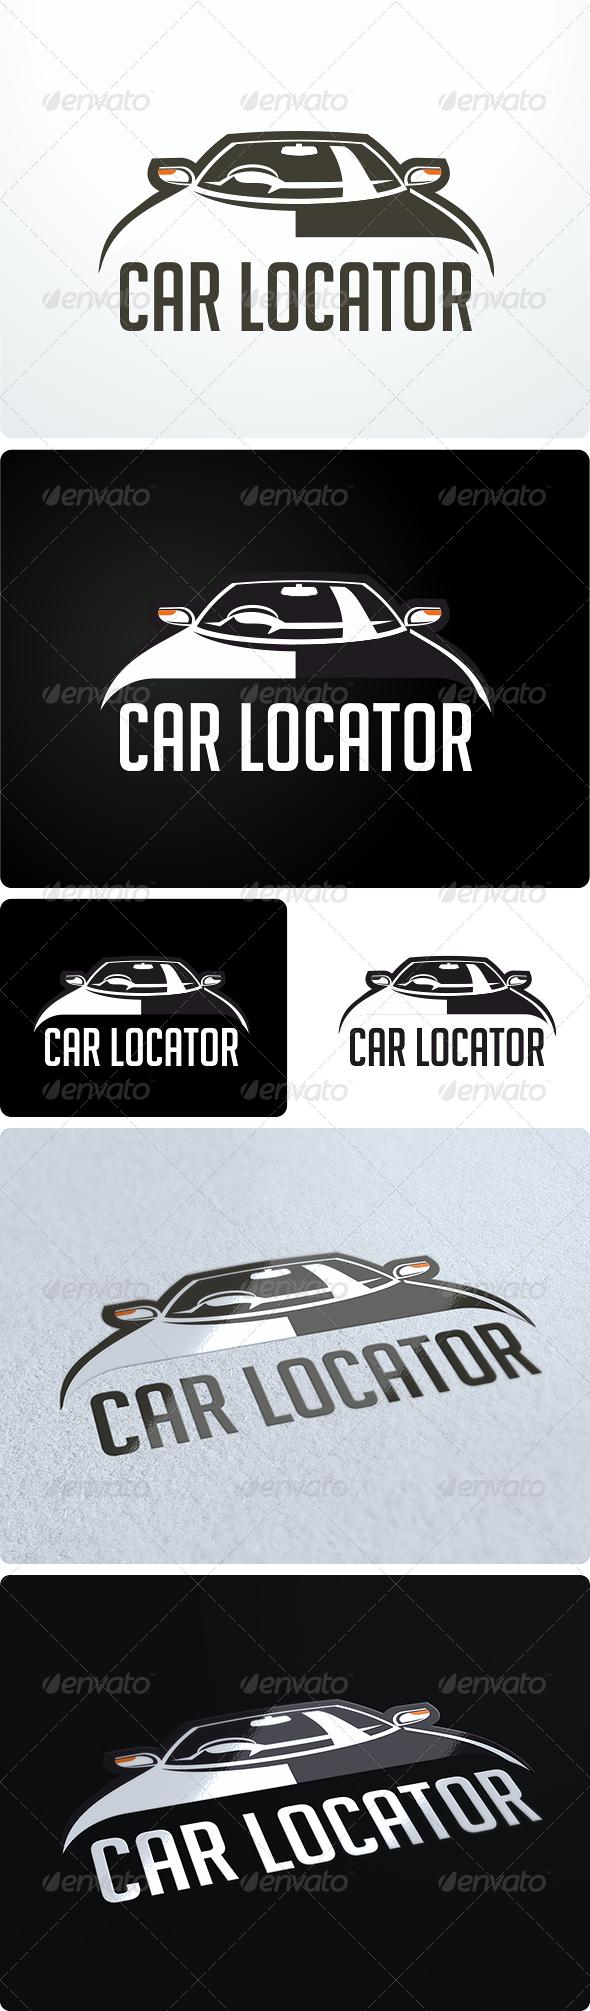 Car body sticker design eps - Car Locator Logo Design